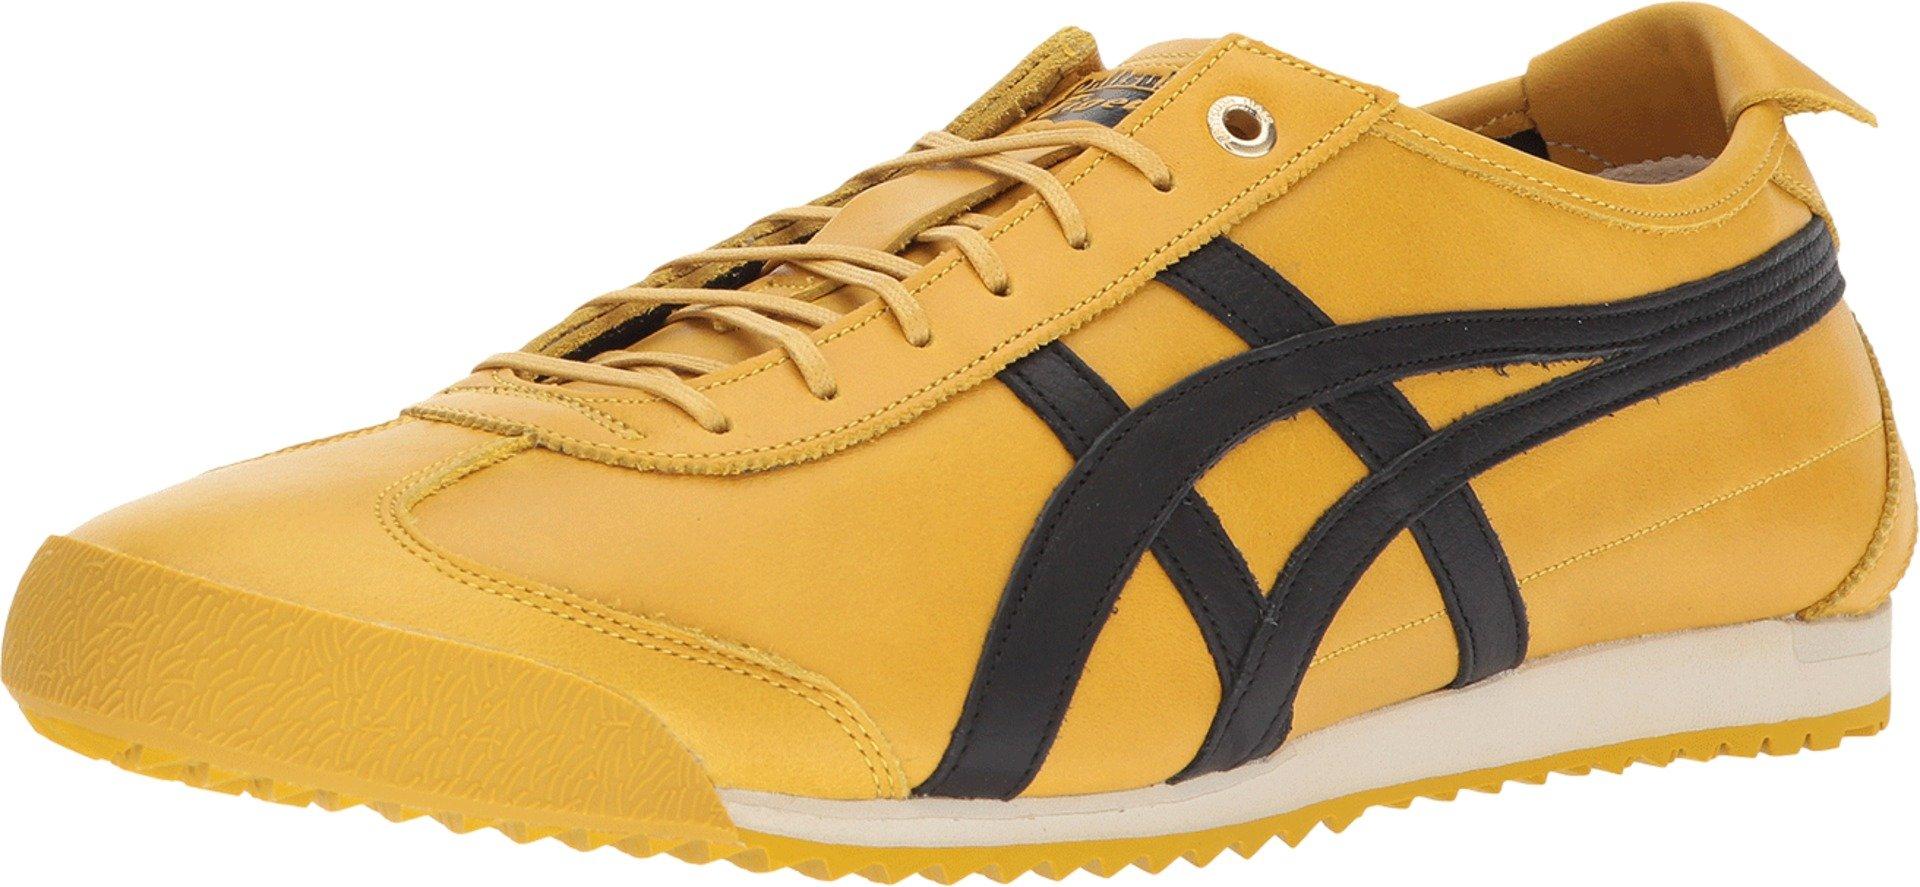 onitsuka tiger mexico 66 sd yellow black 00 precio